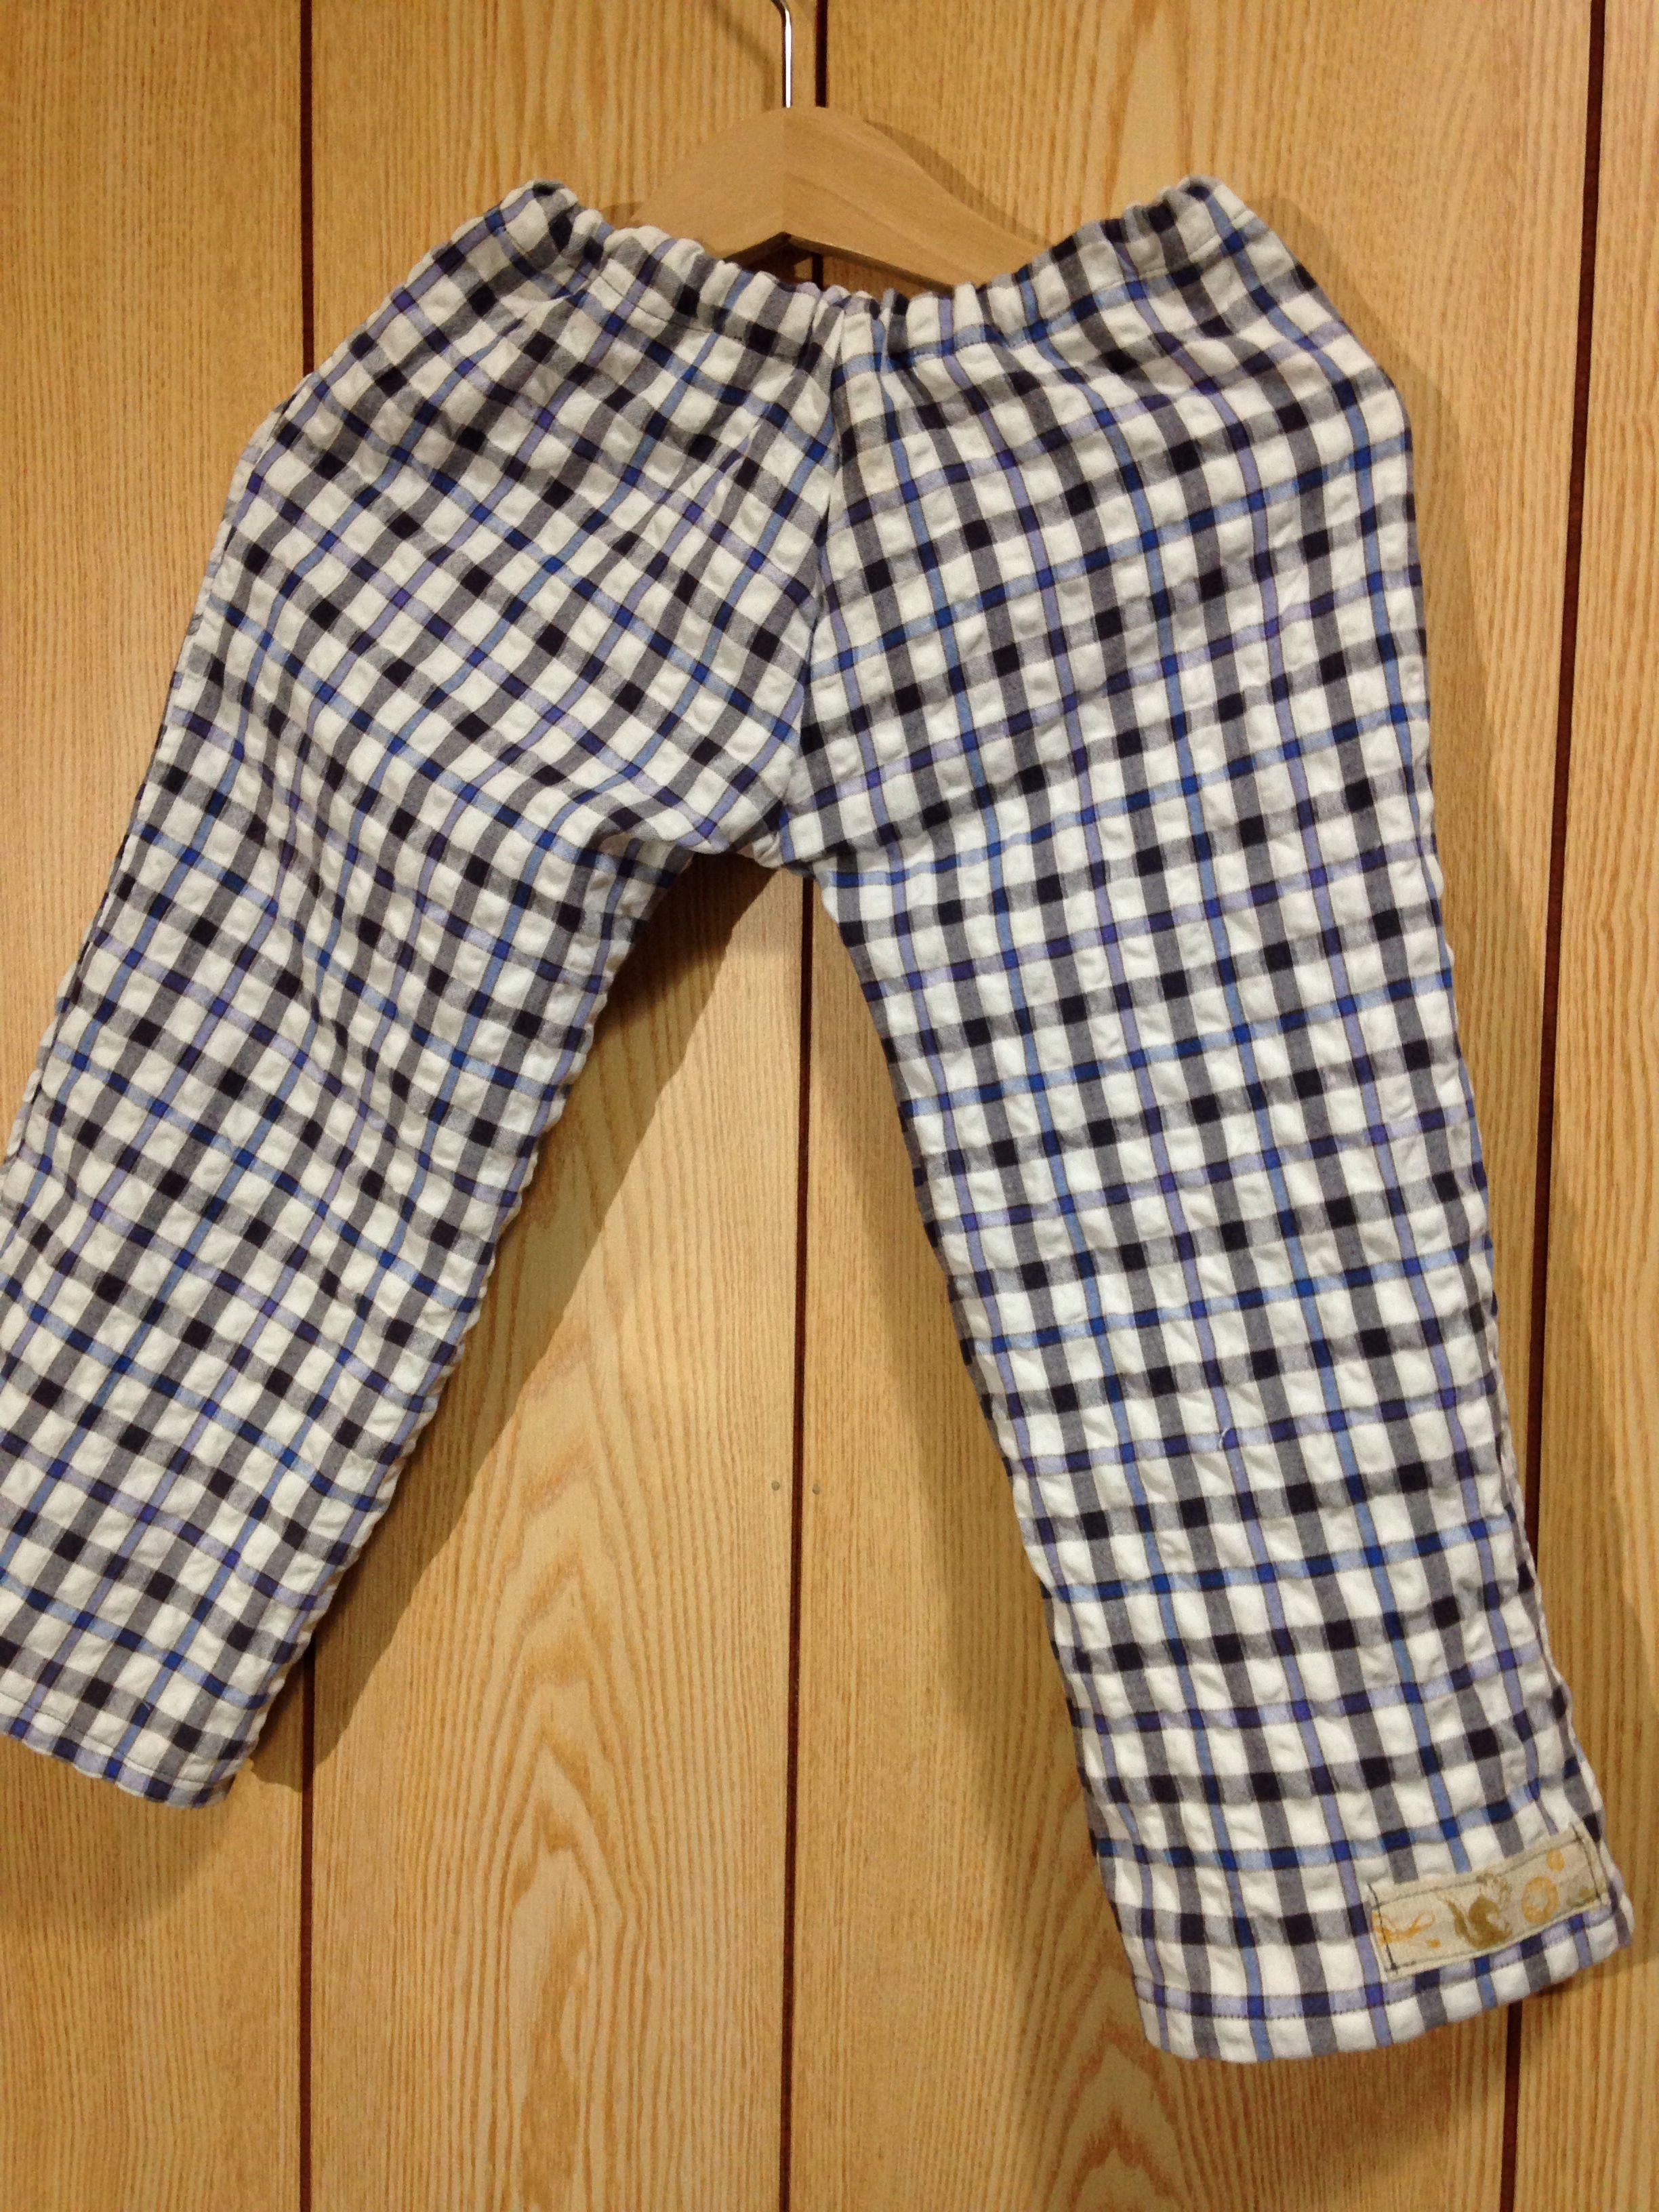 爺さんのパジャマズボン→孫のパジャマズボン